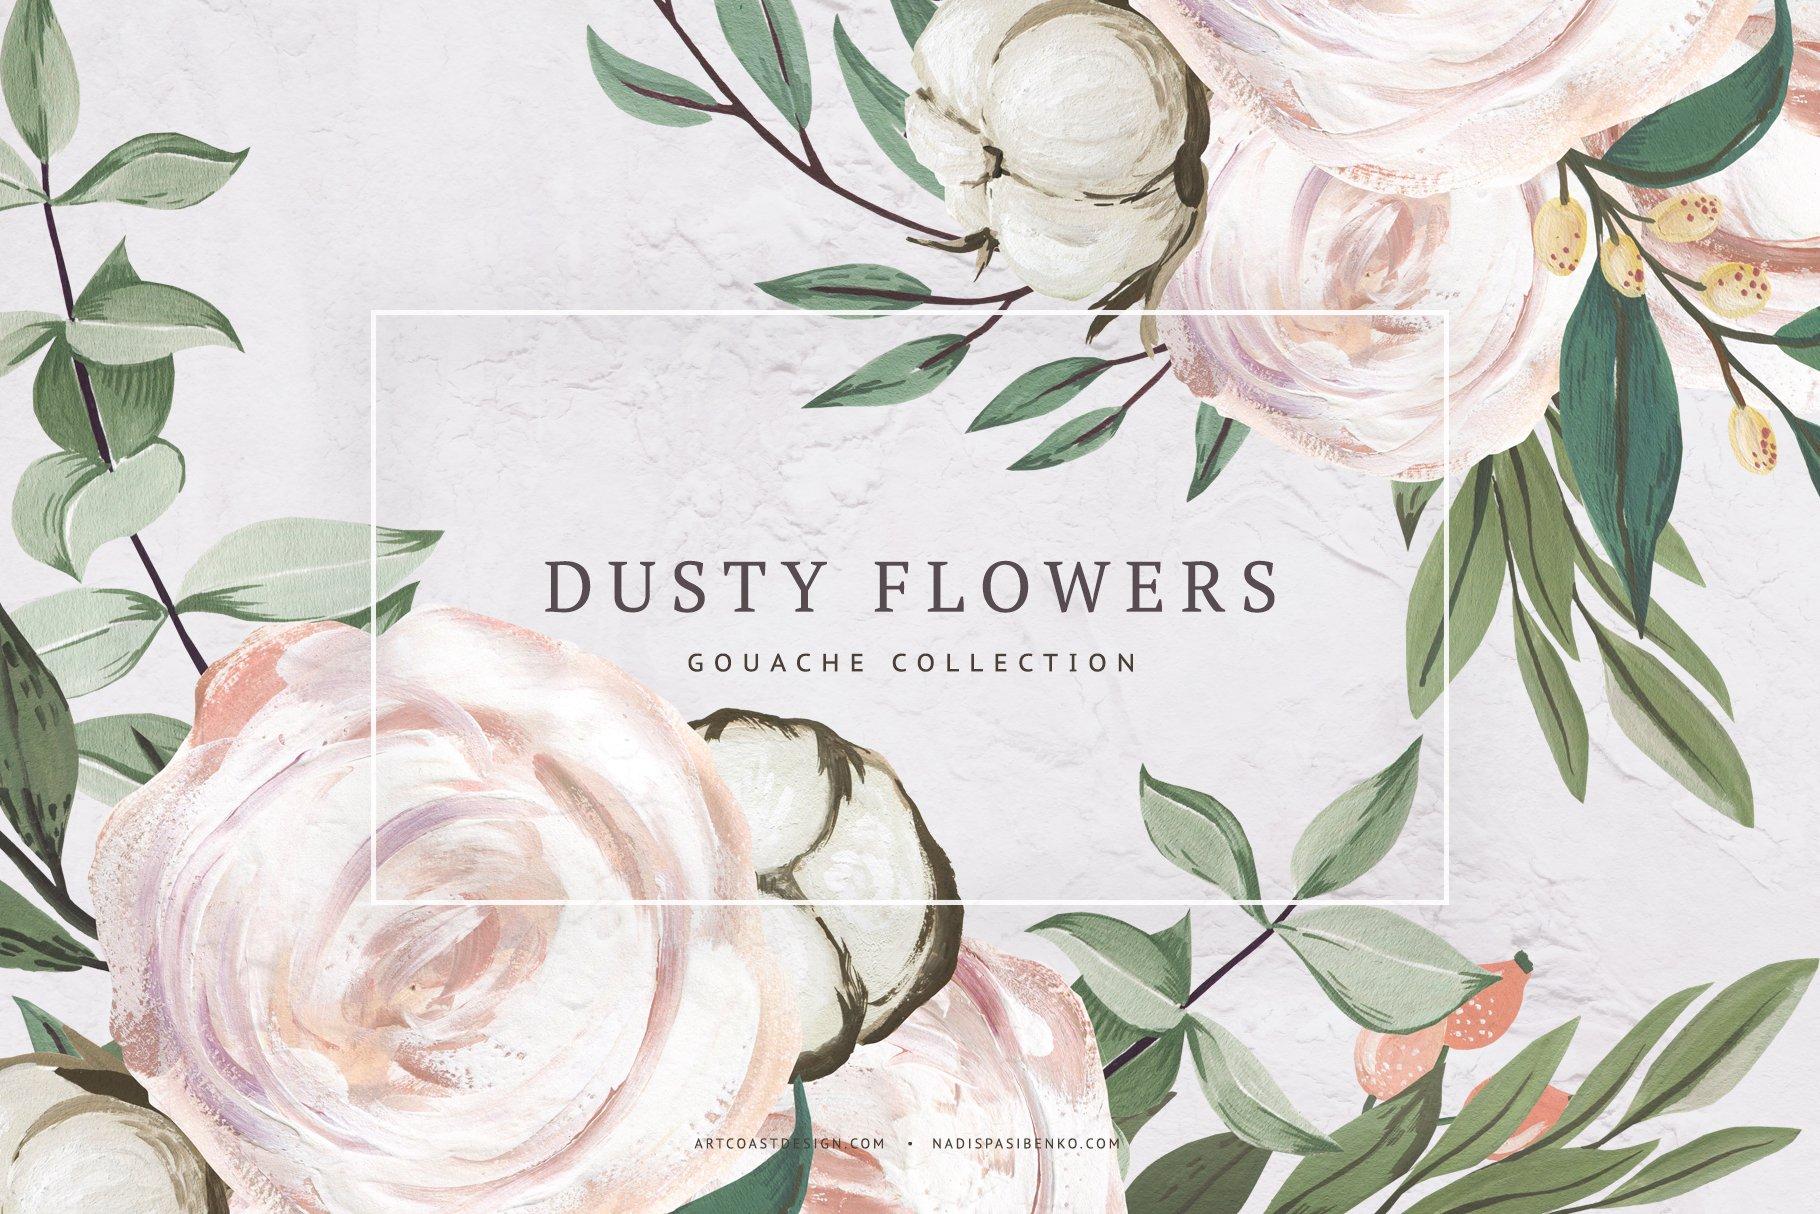 哑光油漆质感花卉树叶手绘水彩画PNG透明图片素材 Gouache Dusty Flowers插图8